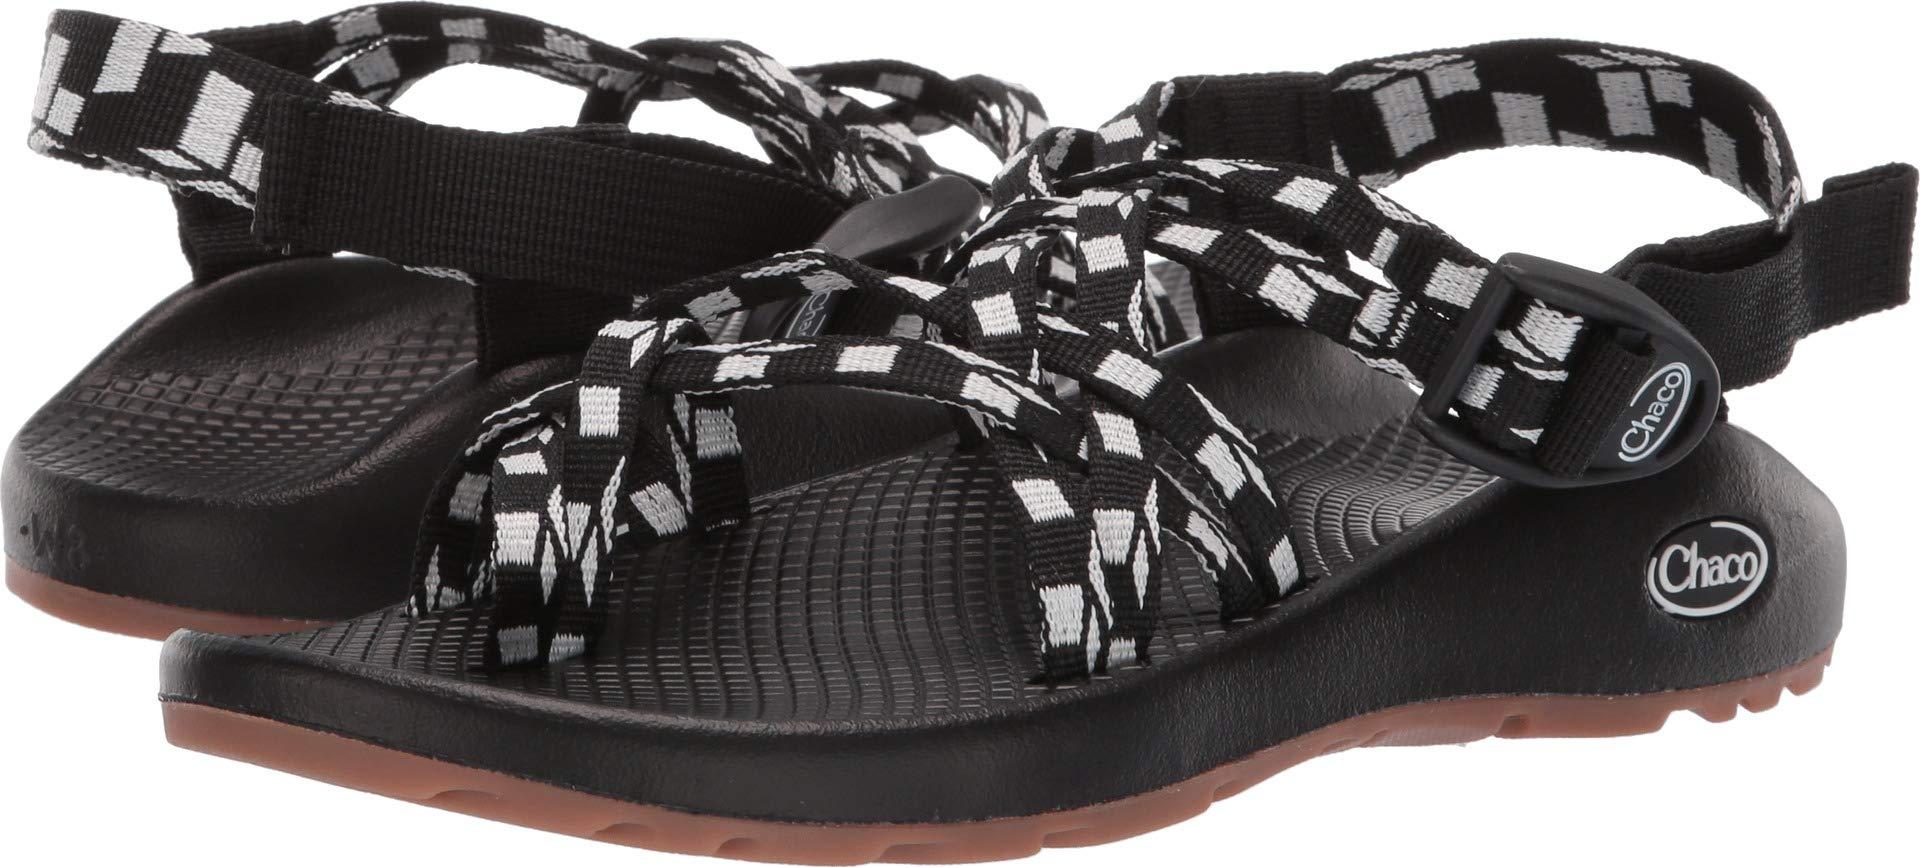 Chaco ZX/2 Classic Sandal - Women's Cubit Black 5